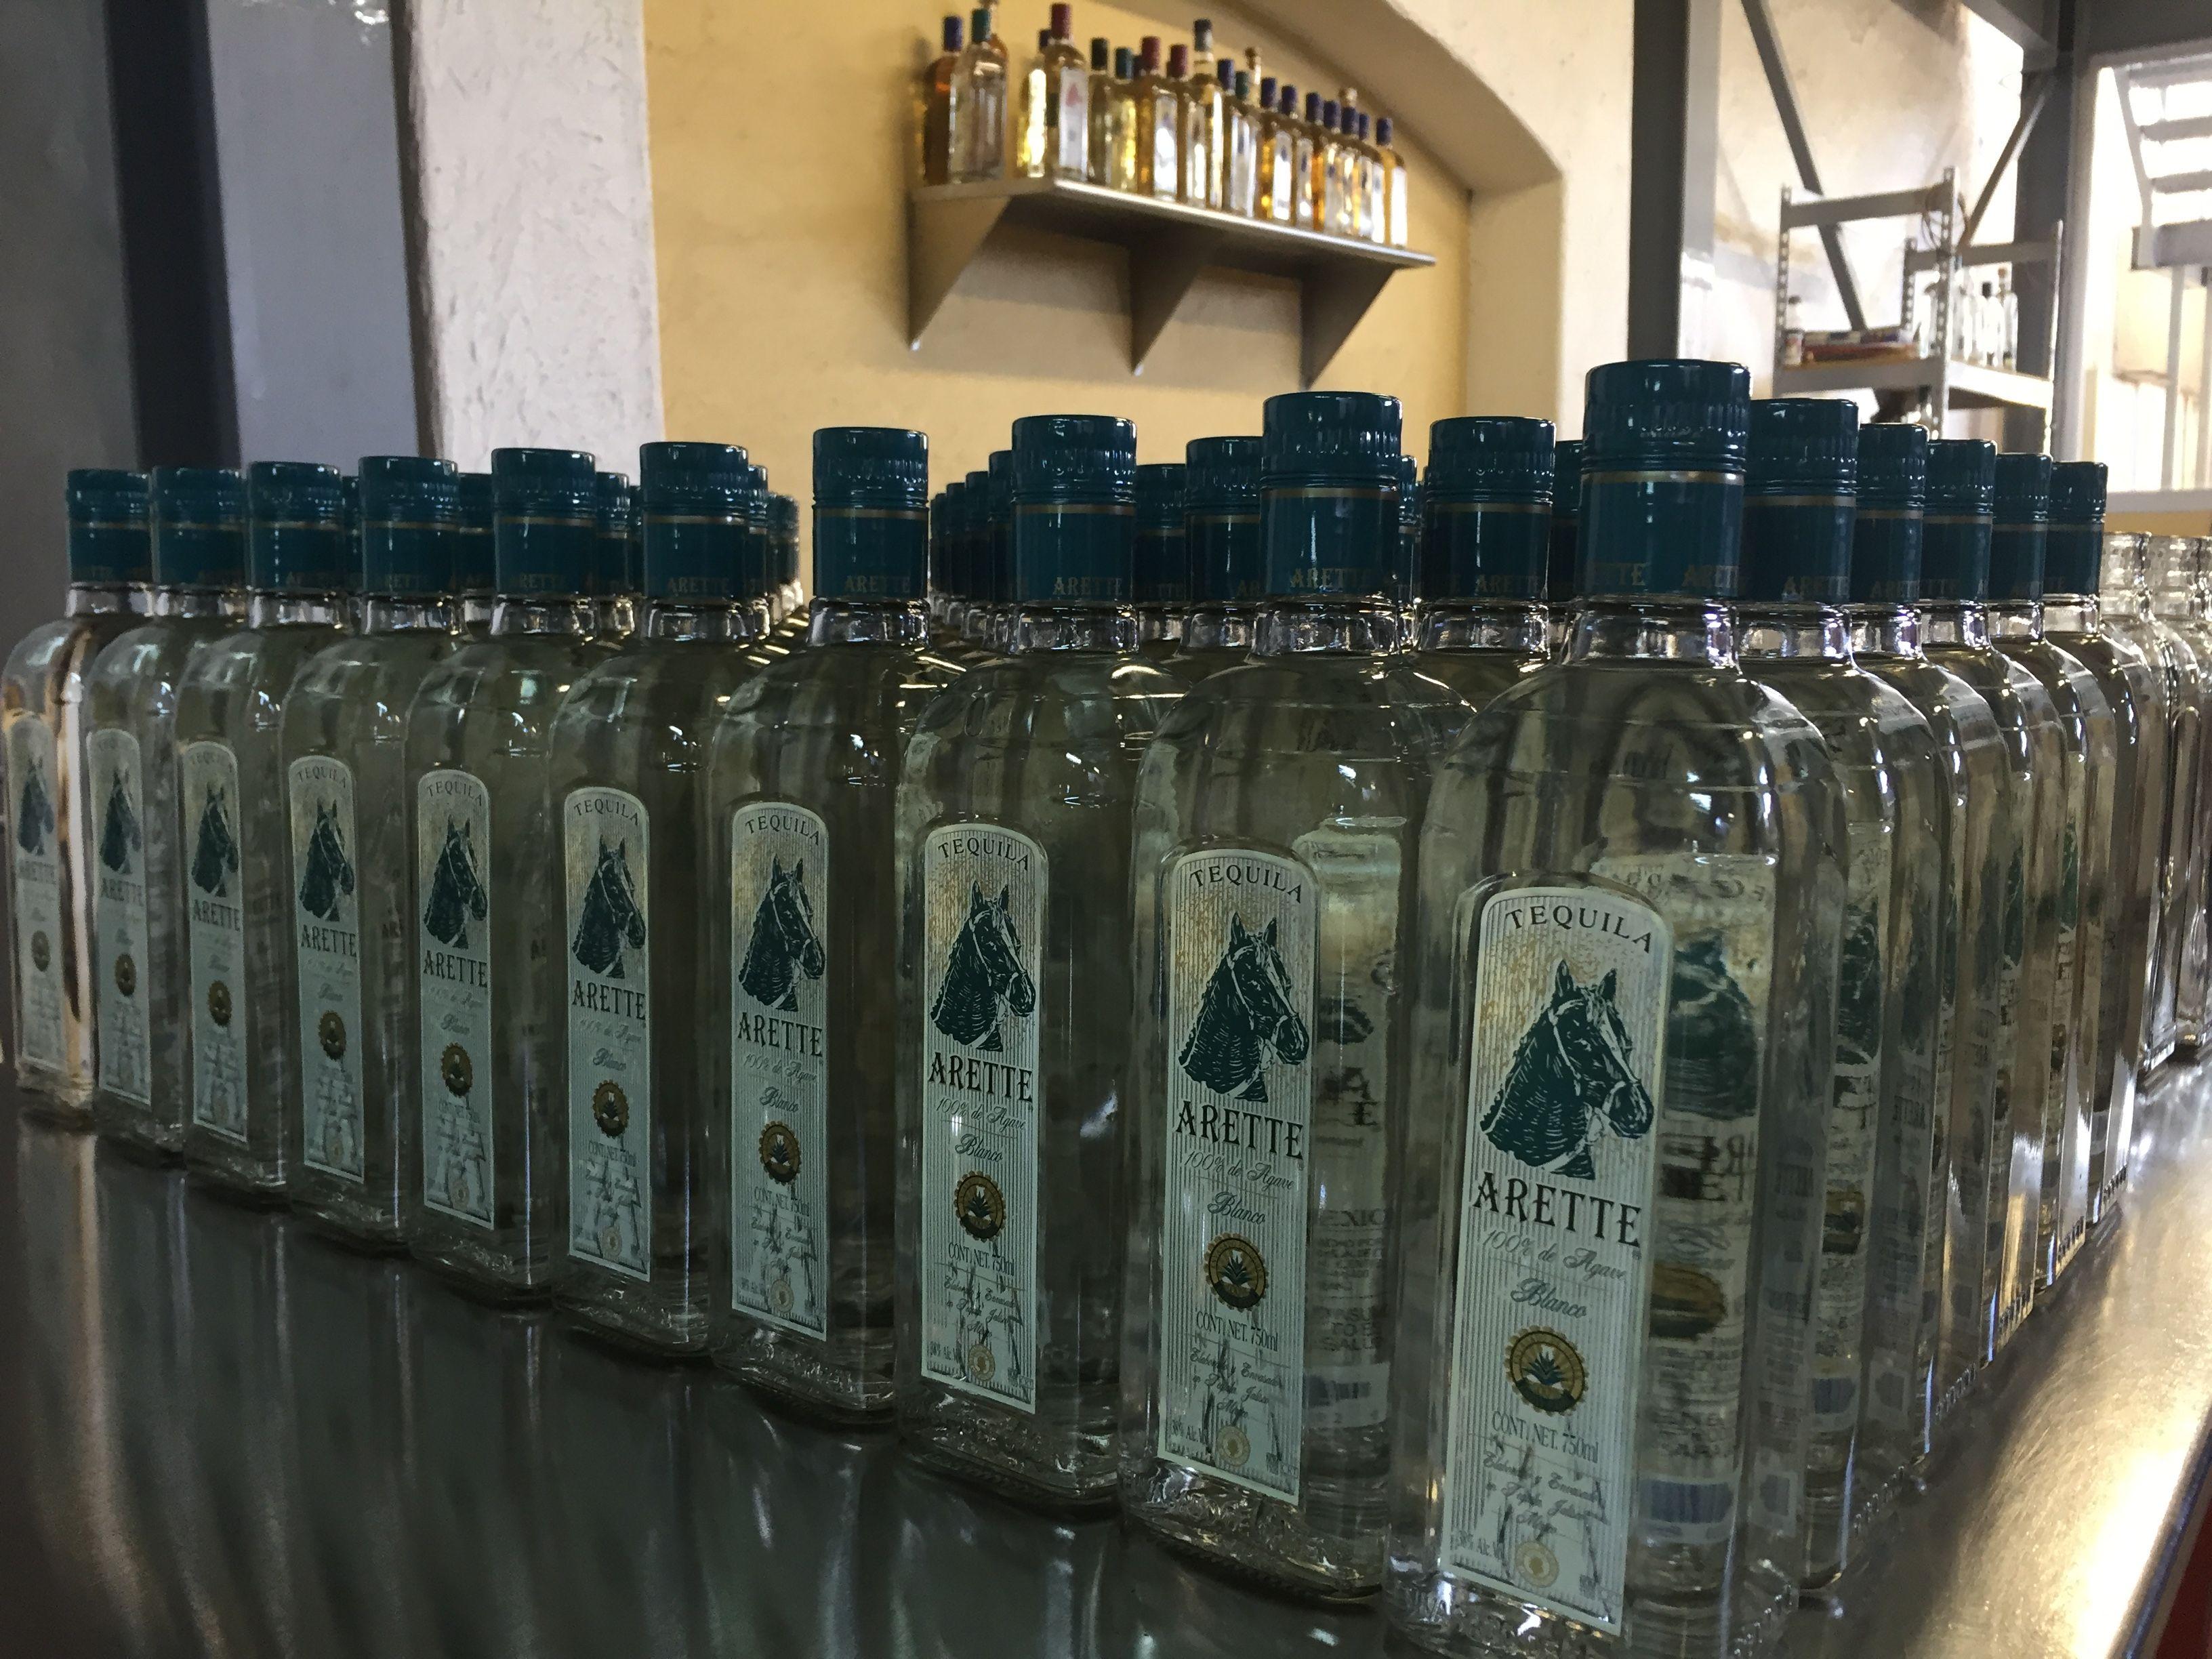 Arette Bottles